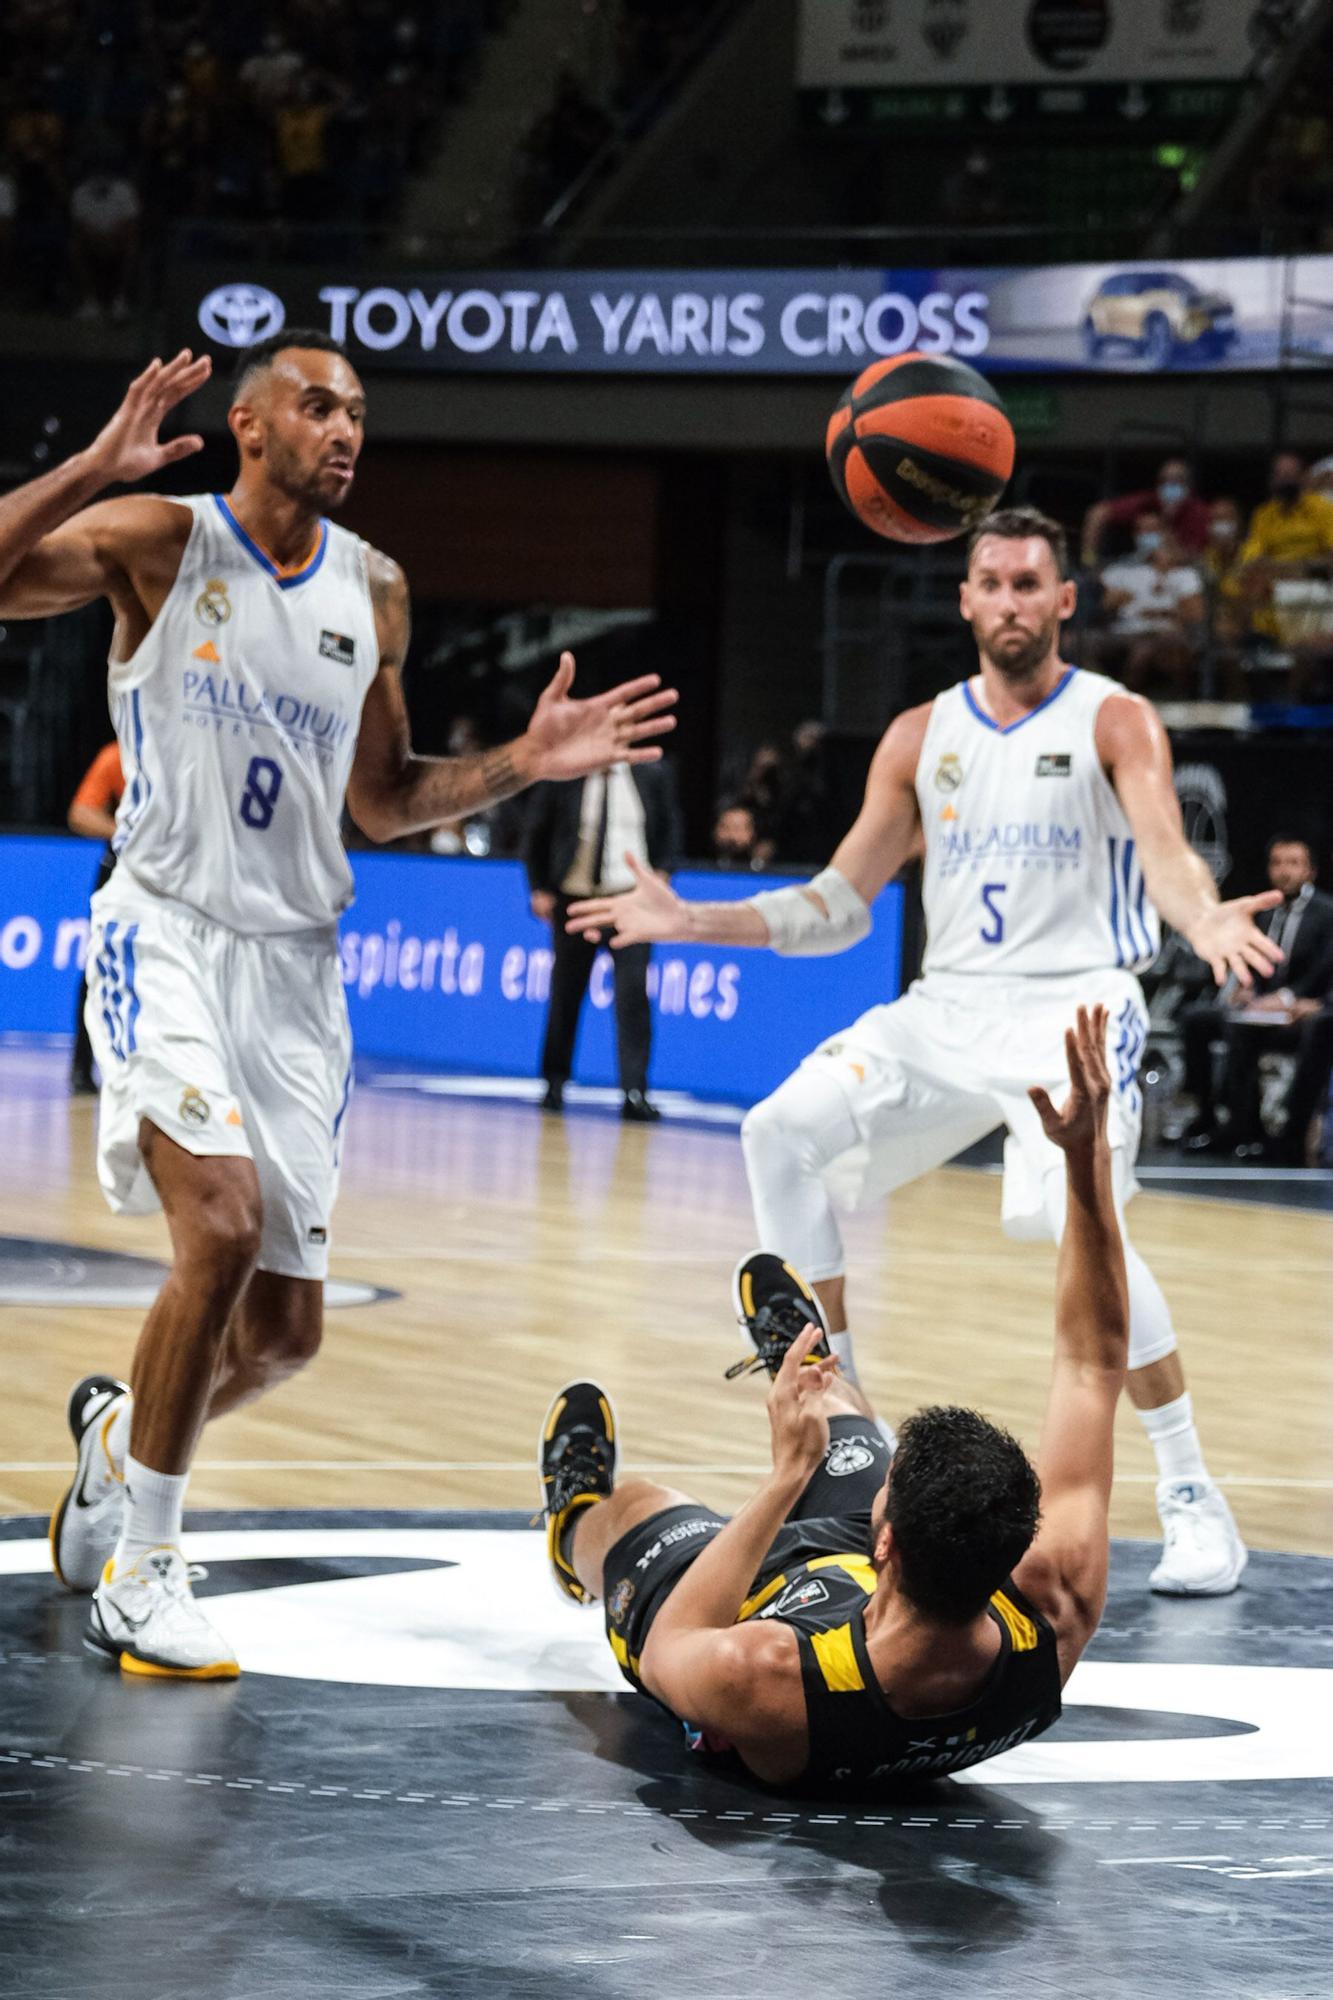 Encuentro entre el Lenovo Tenerife y el Real Madrid